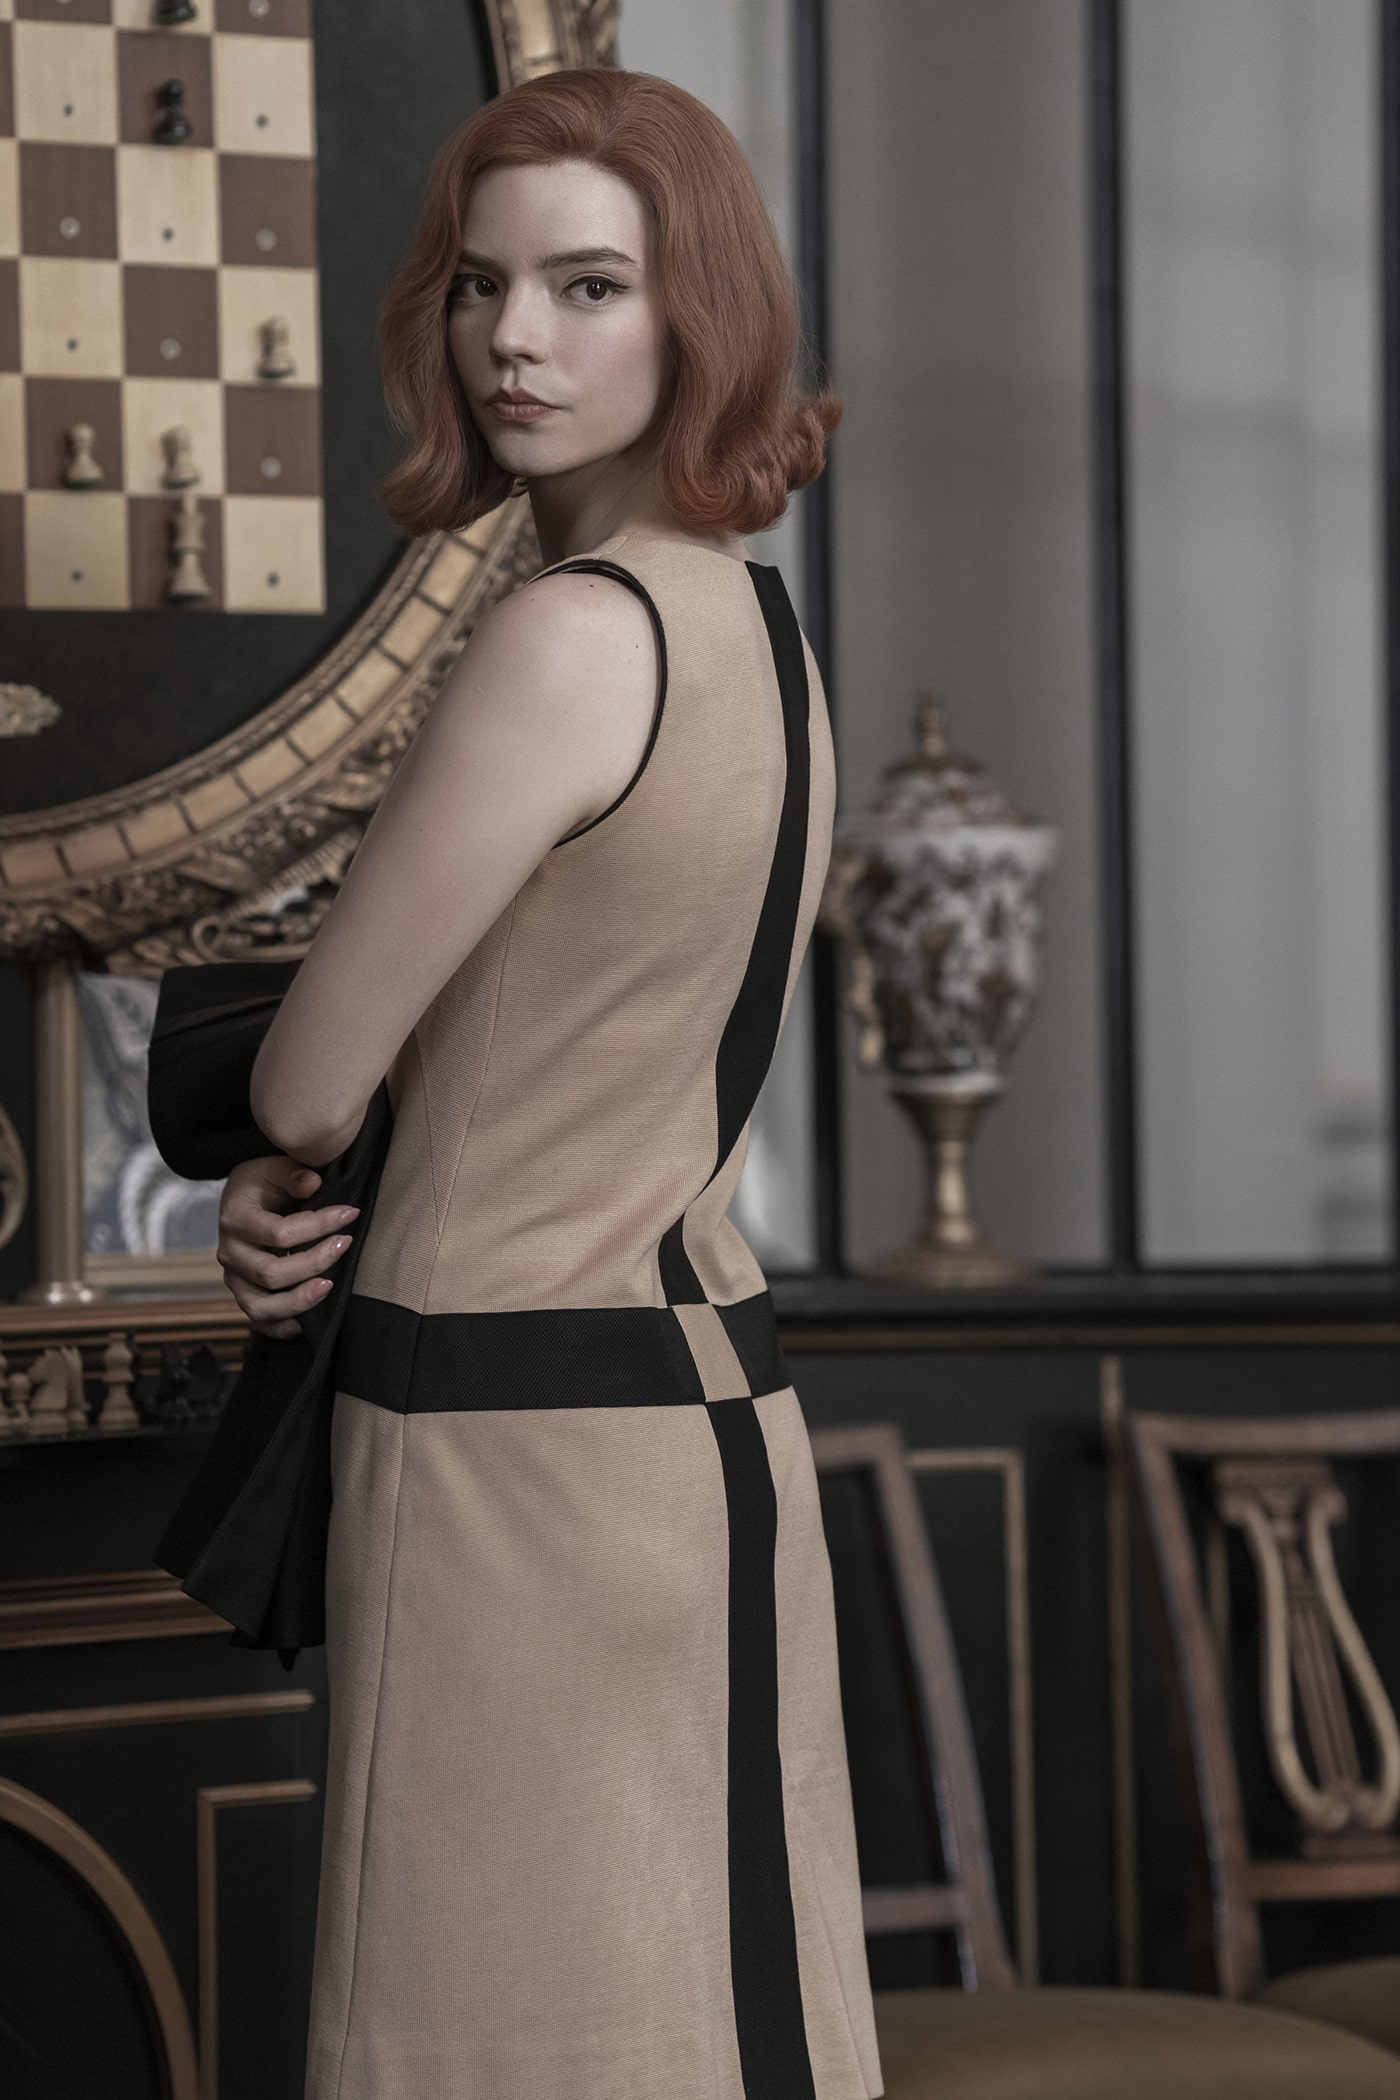 """10 looks de """"The Queen's Gambit"""" que reflejan el espíritu rebelde y elegante de los 60"""